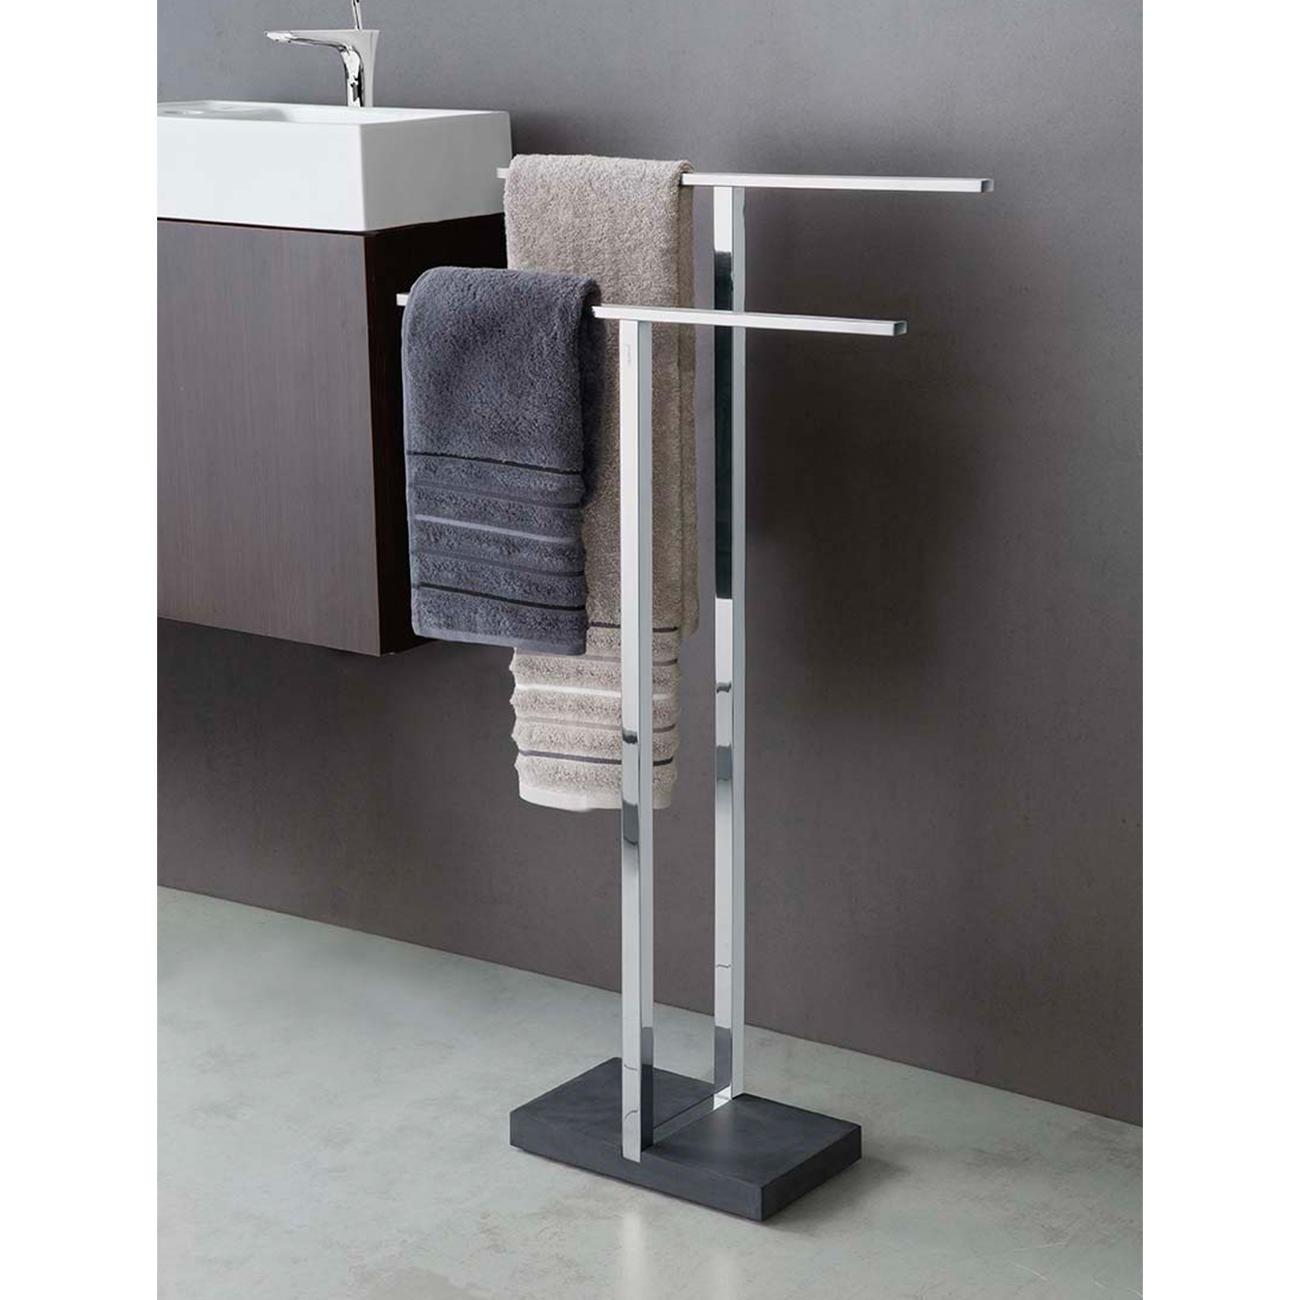 Handdoekenrek Keuken Rvs : Towel Rack Design